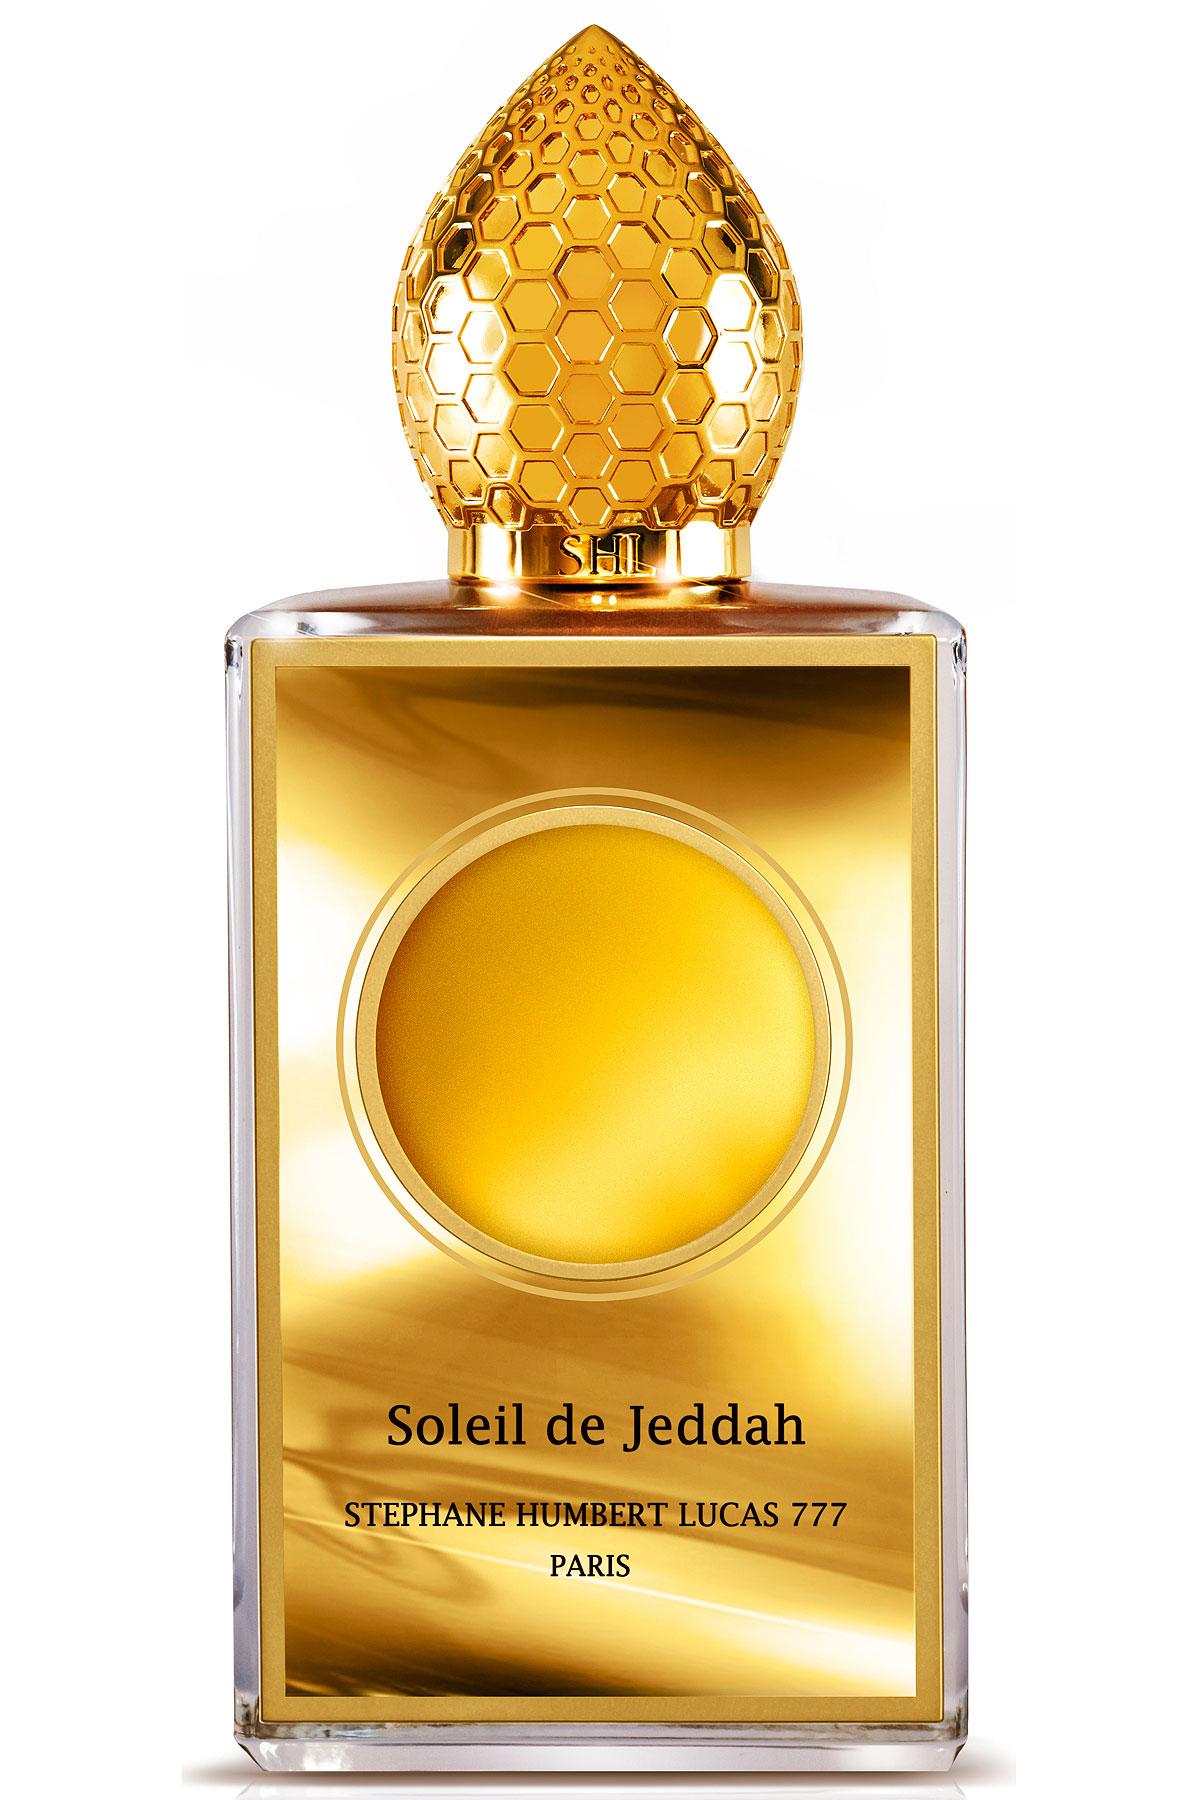 Stephane Humbert Lucas 777 Paris Fragrances for Women, Soleil De Jeddah - Eau De Parfum - 50-100 Ml, 2019, 50 ml 100 ml